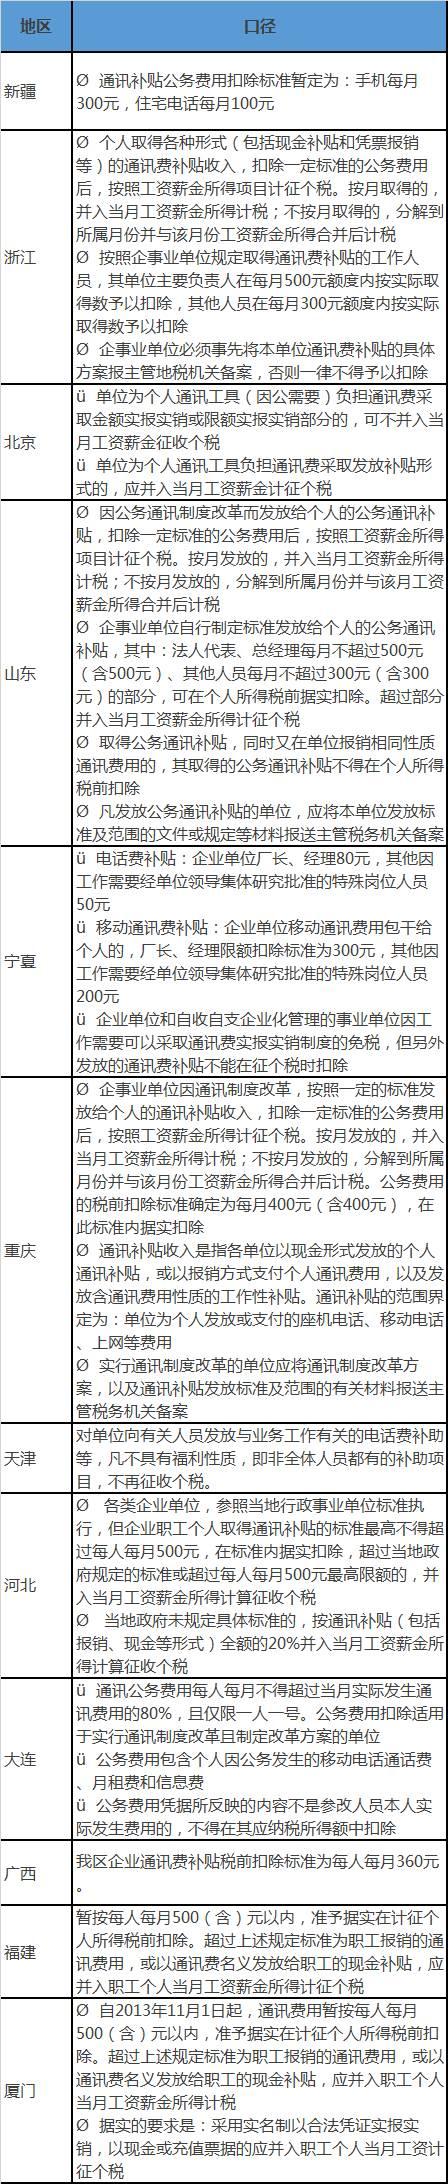 【税务知识】各地职工通讯费个税标准来了!